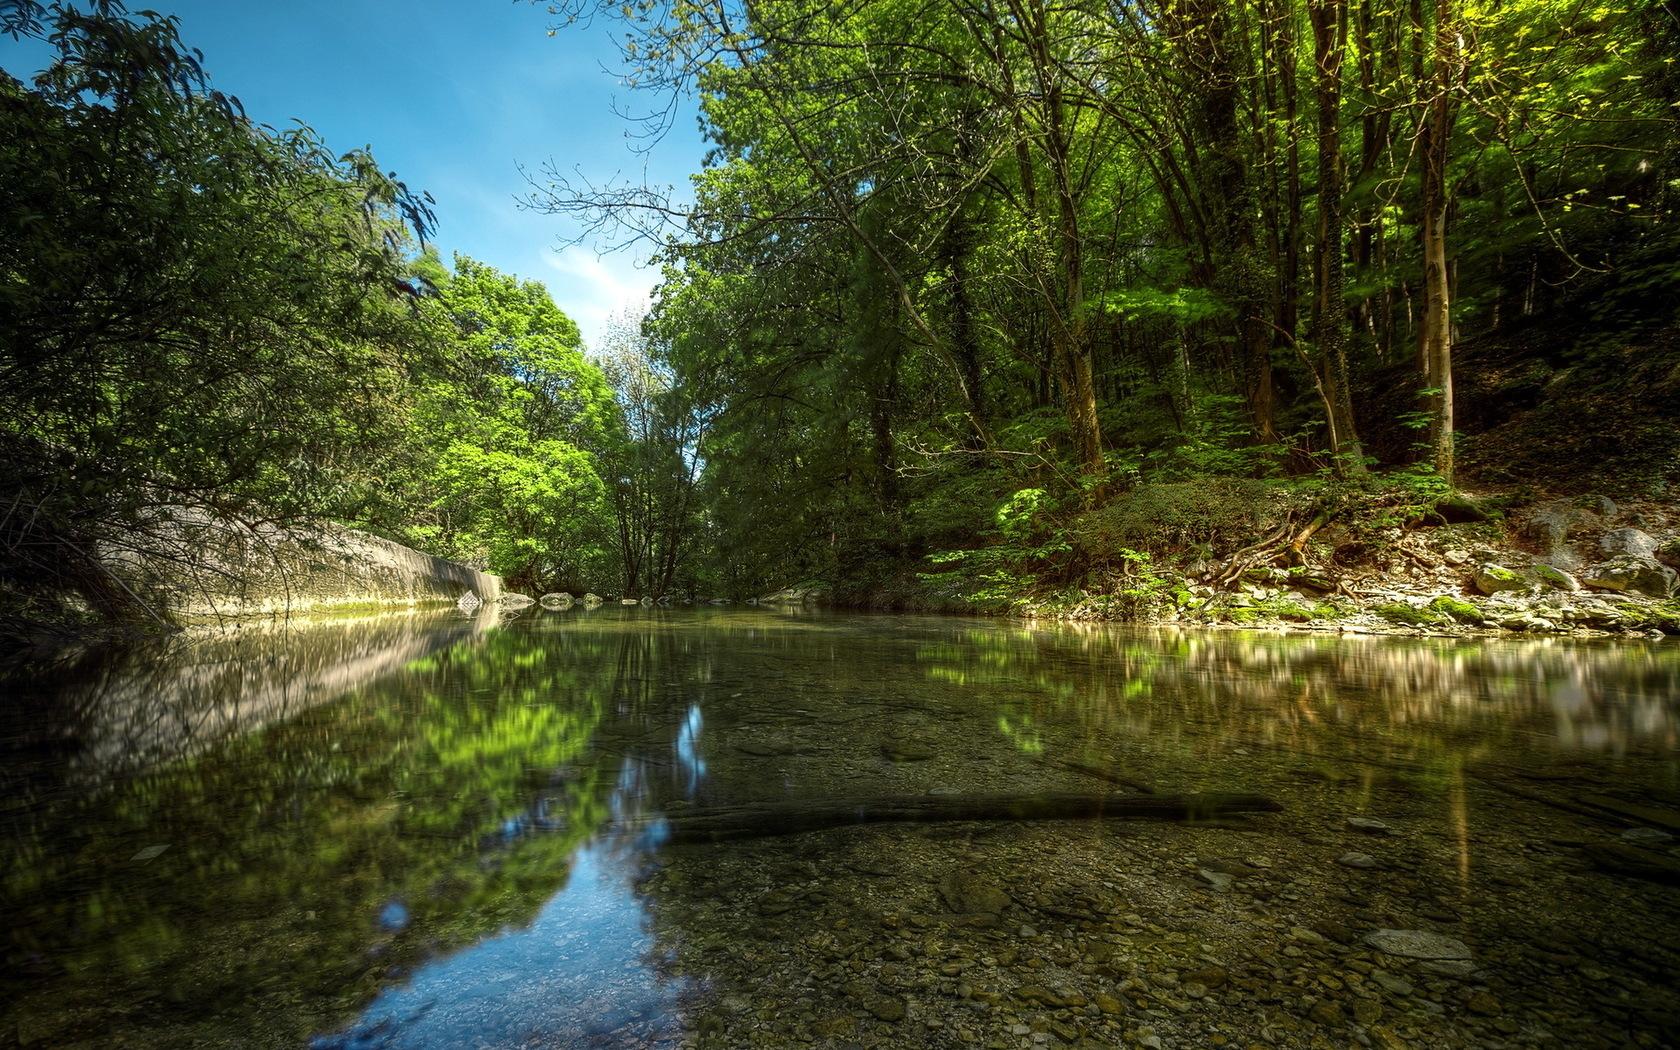 Природа пейзаж реки озера река лес